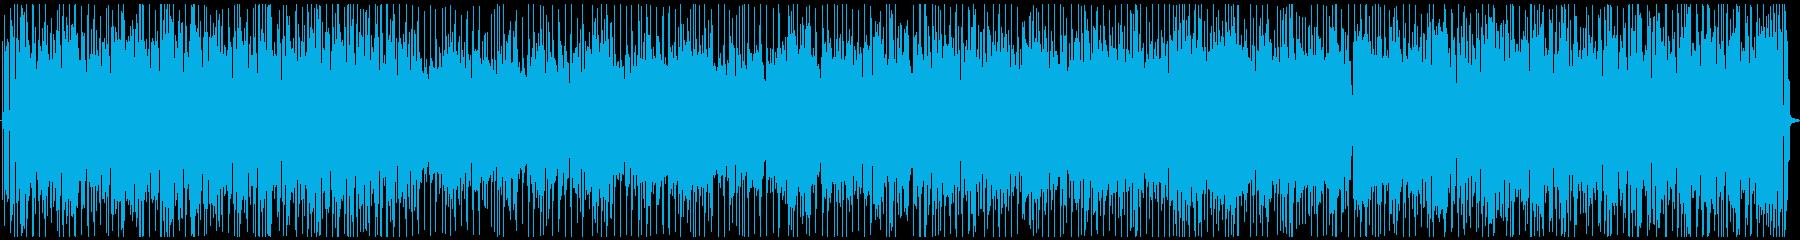 軽快でポップなジャズサウンドの再生済みの波形